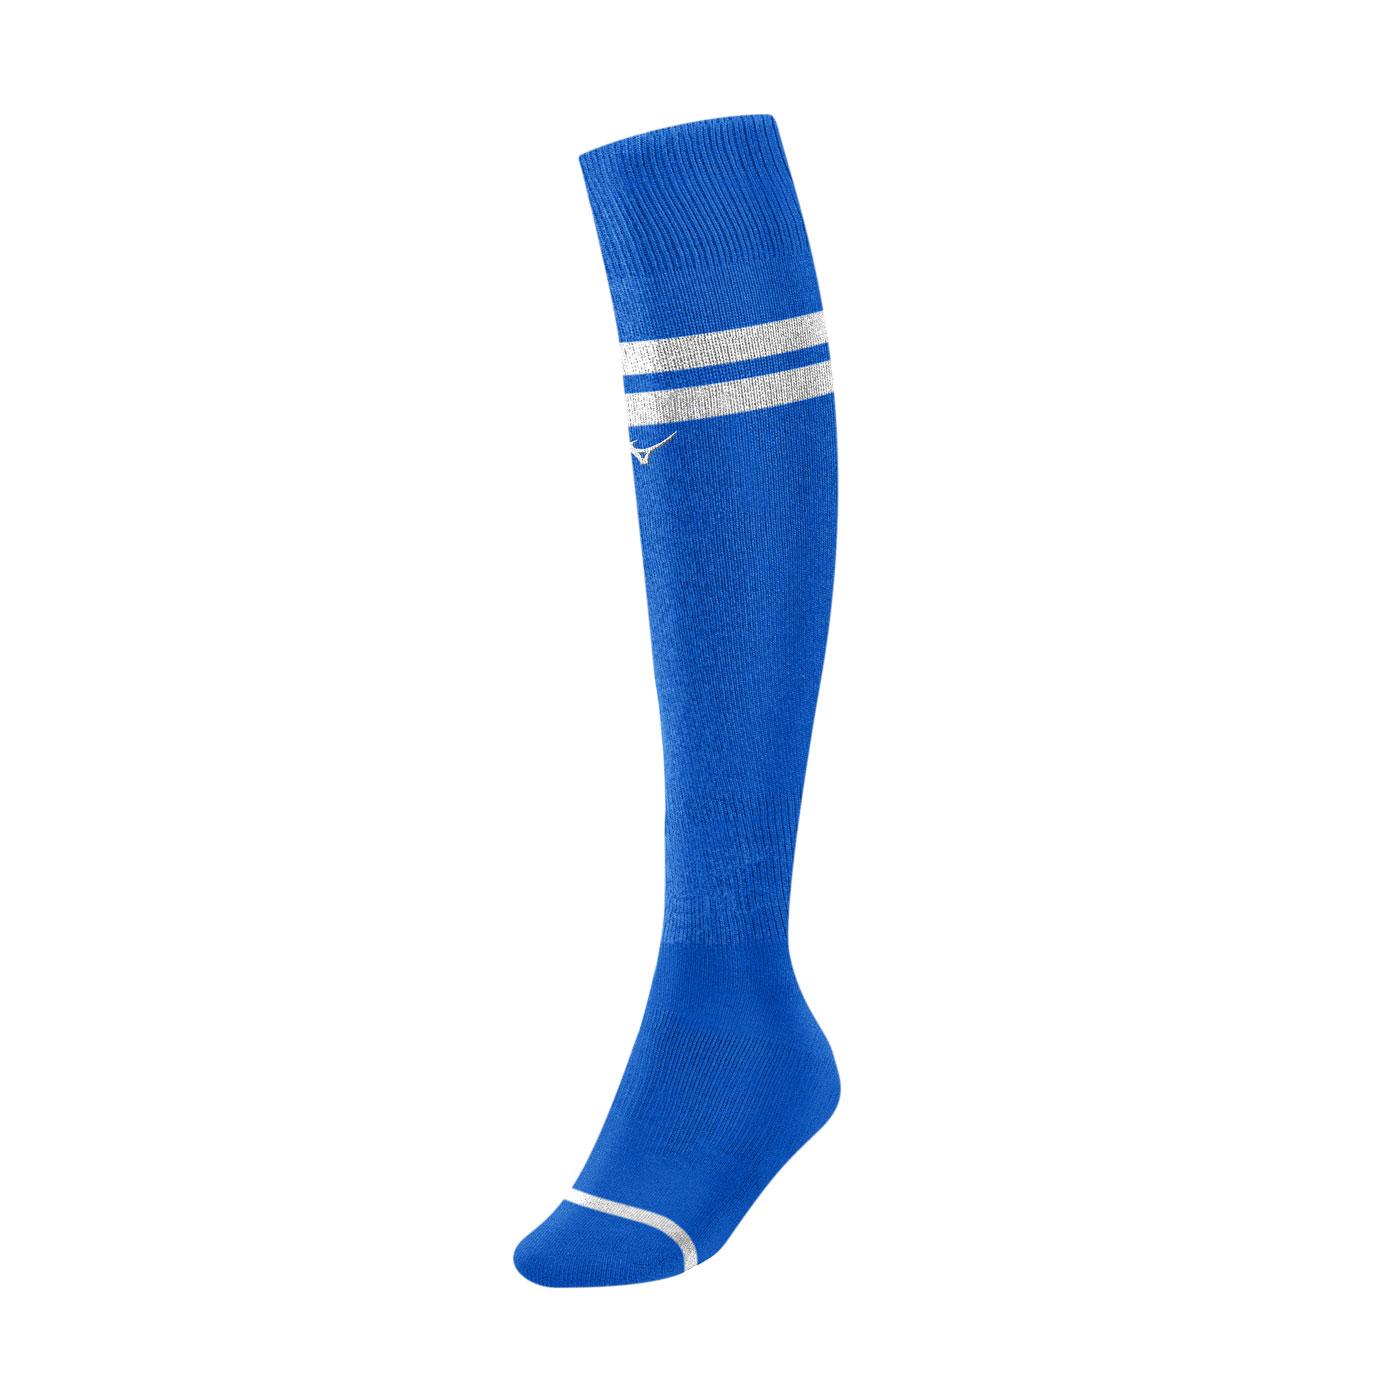 MIZUNO 足橄襪 P2TX0A0122 - 藍白